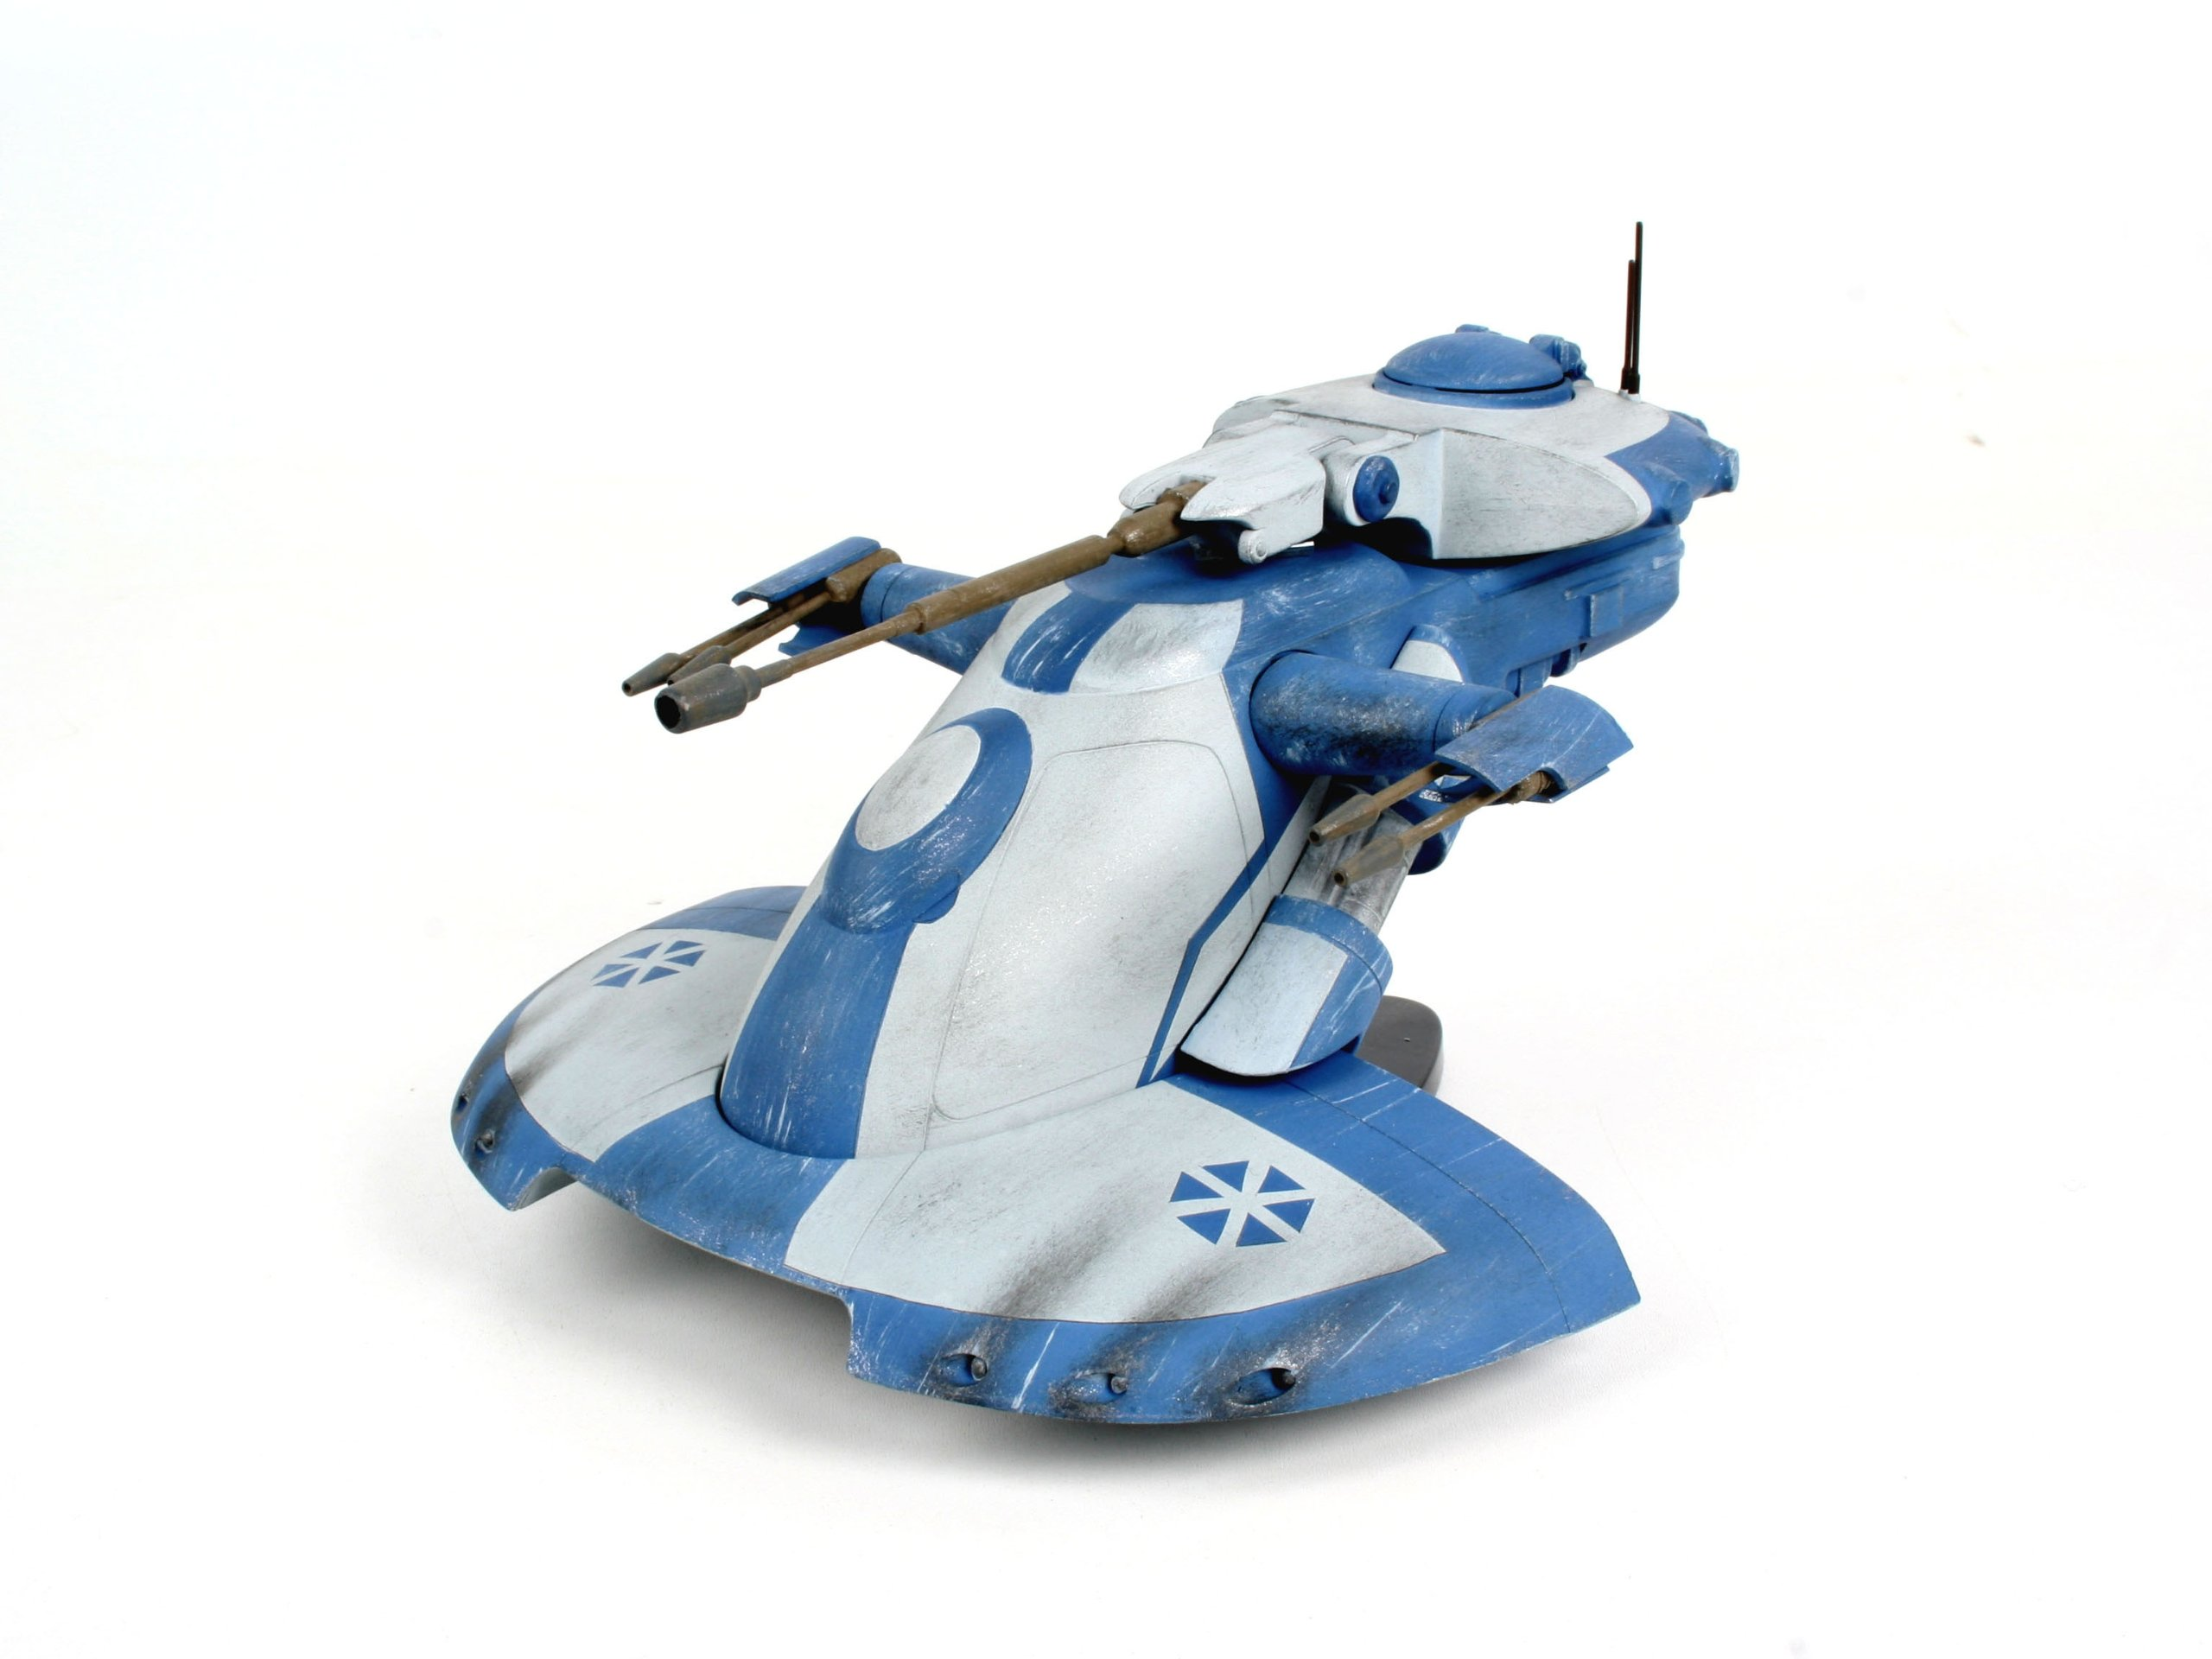 Revell easykit 06670 AAT Clone Wars - Juego de construcción: Amazon.es: Juguetes y juegos